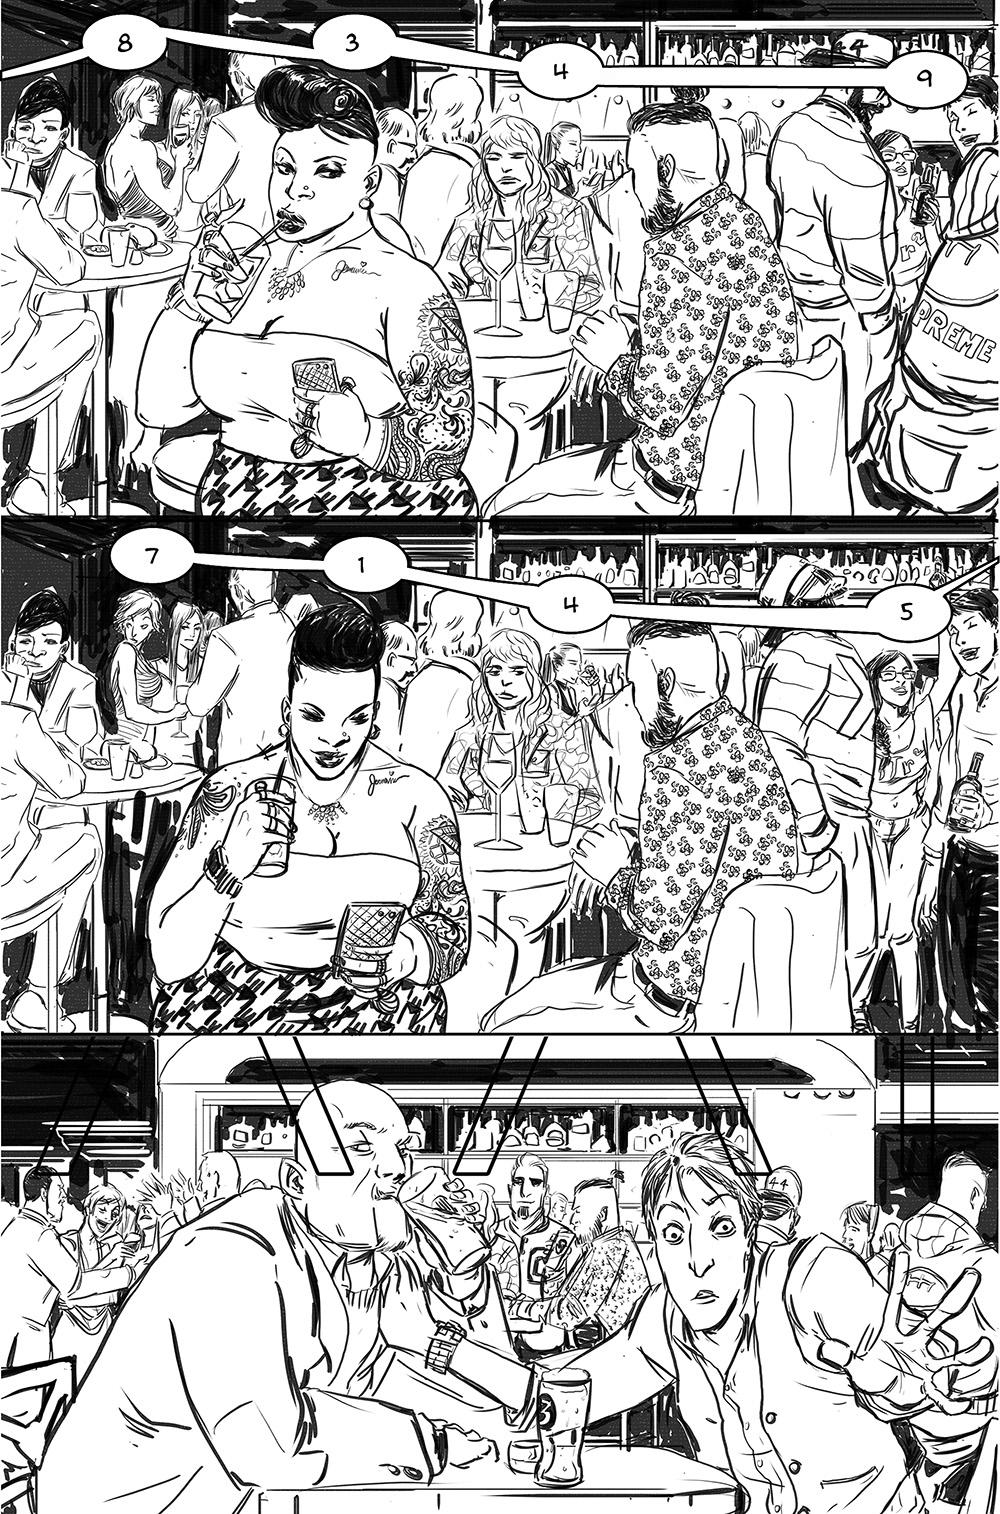 Quants, page 7